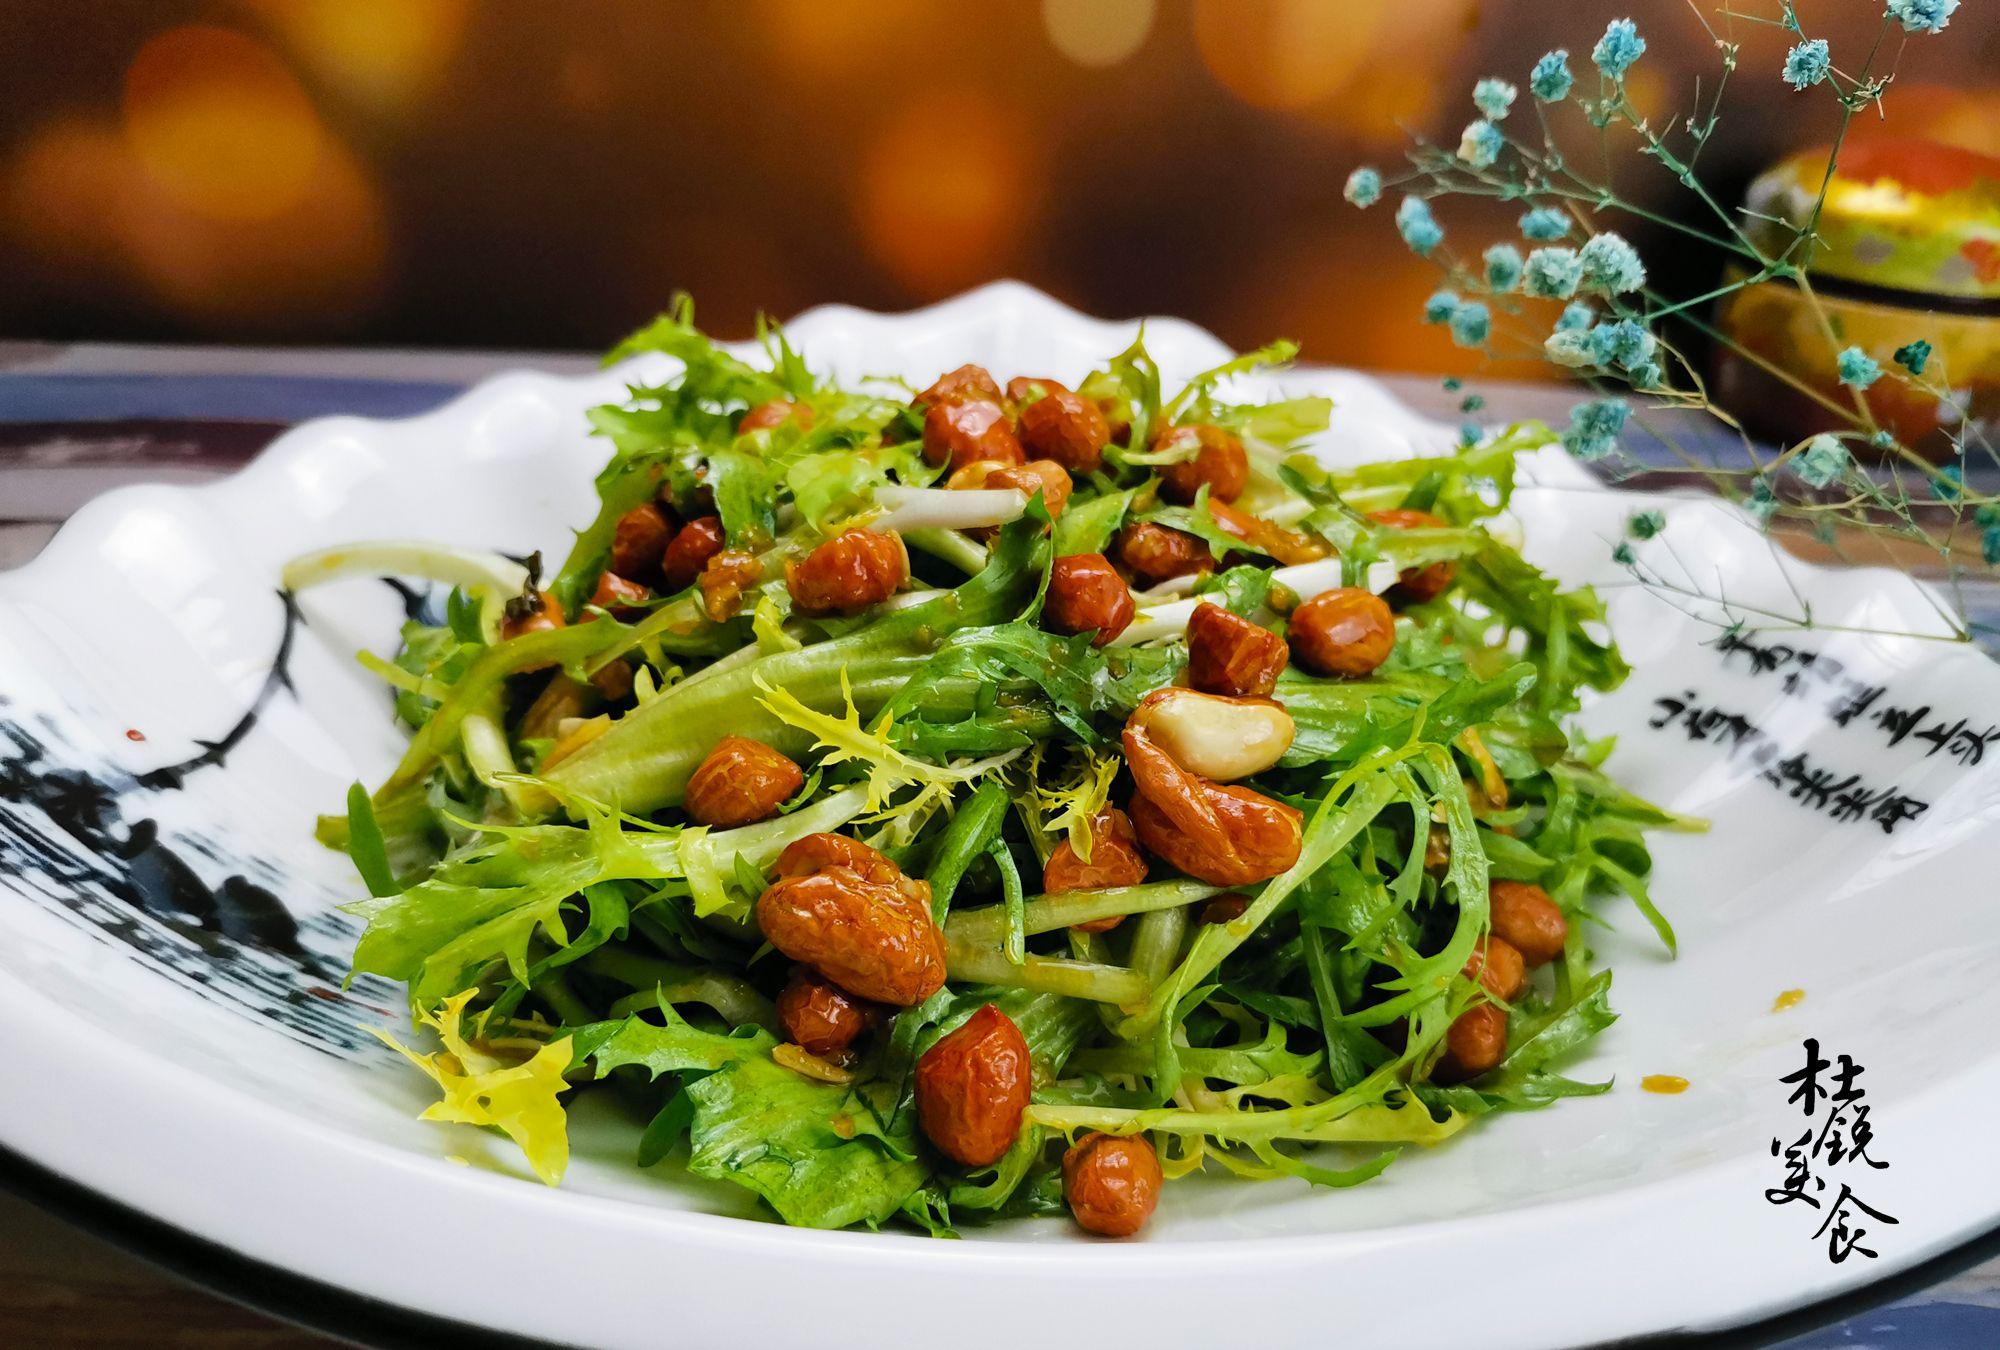 """有""""营养全科""""之称的蔬菜,做成小凉菜,清热解暑夏季要常吃"""